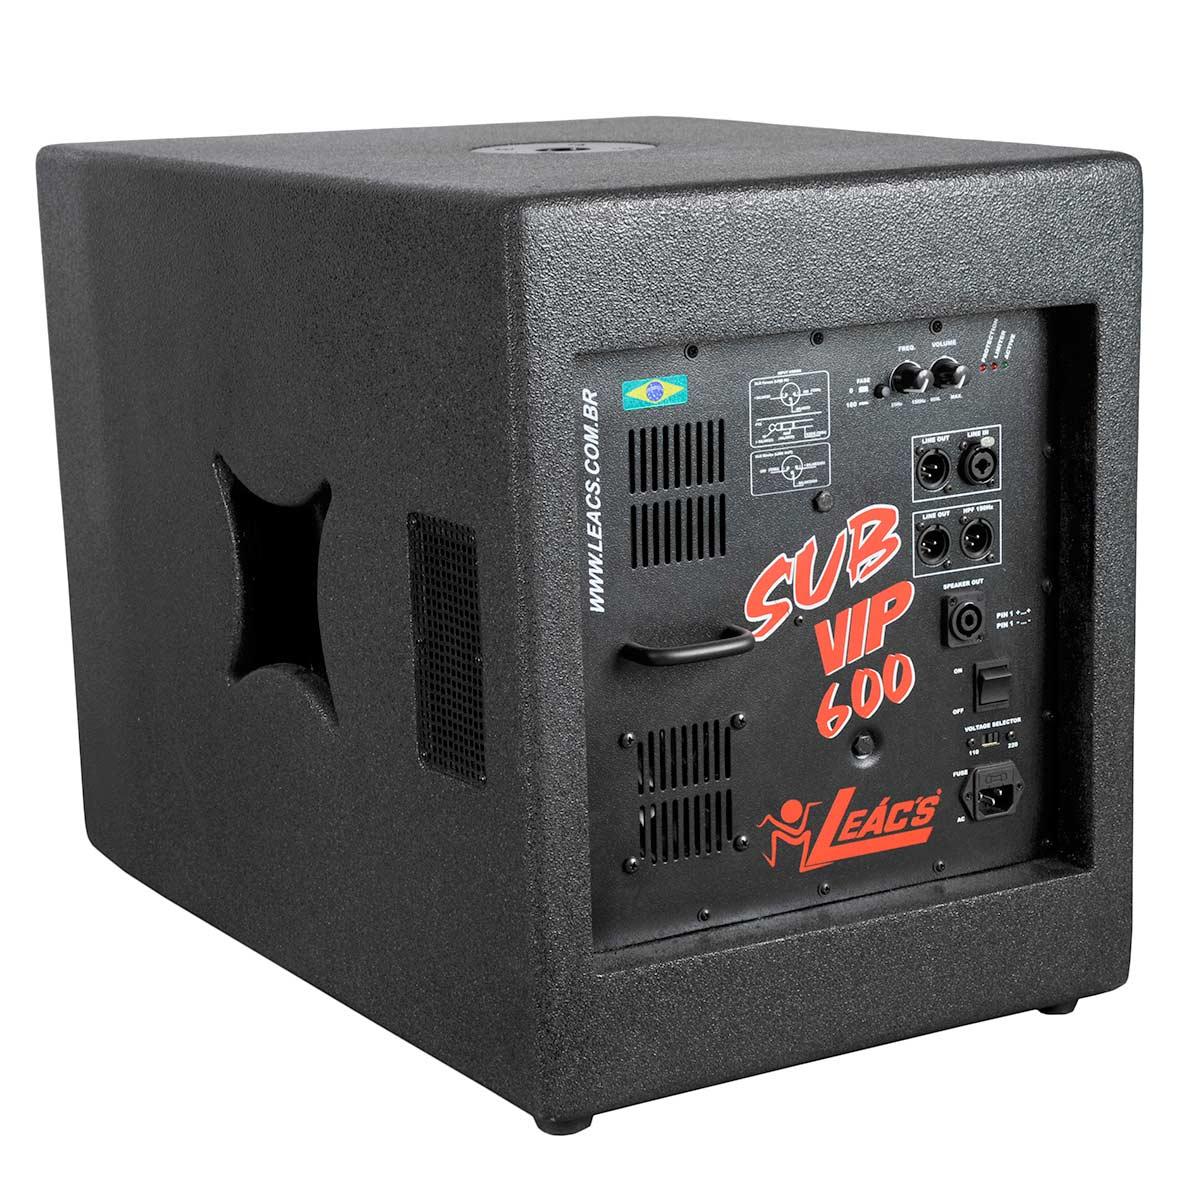 VIP600 - Subwoofer Ativo 600W VIP 600 - Leacs